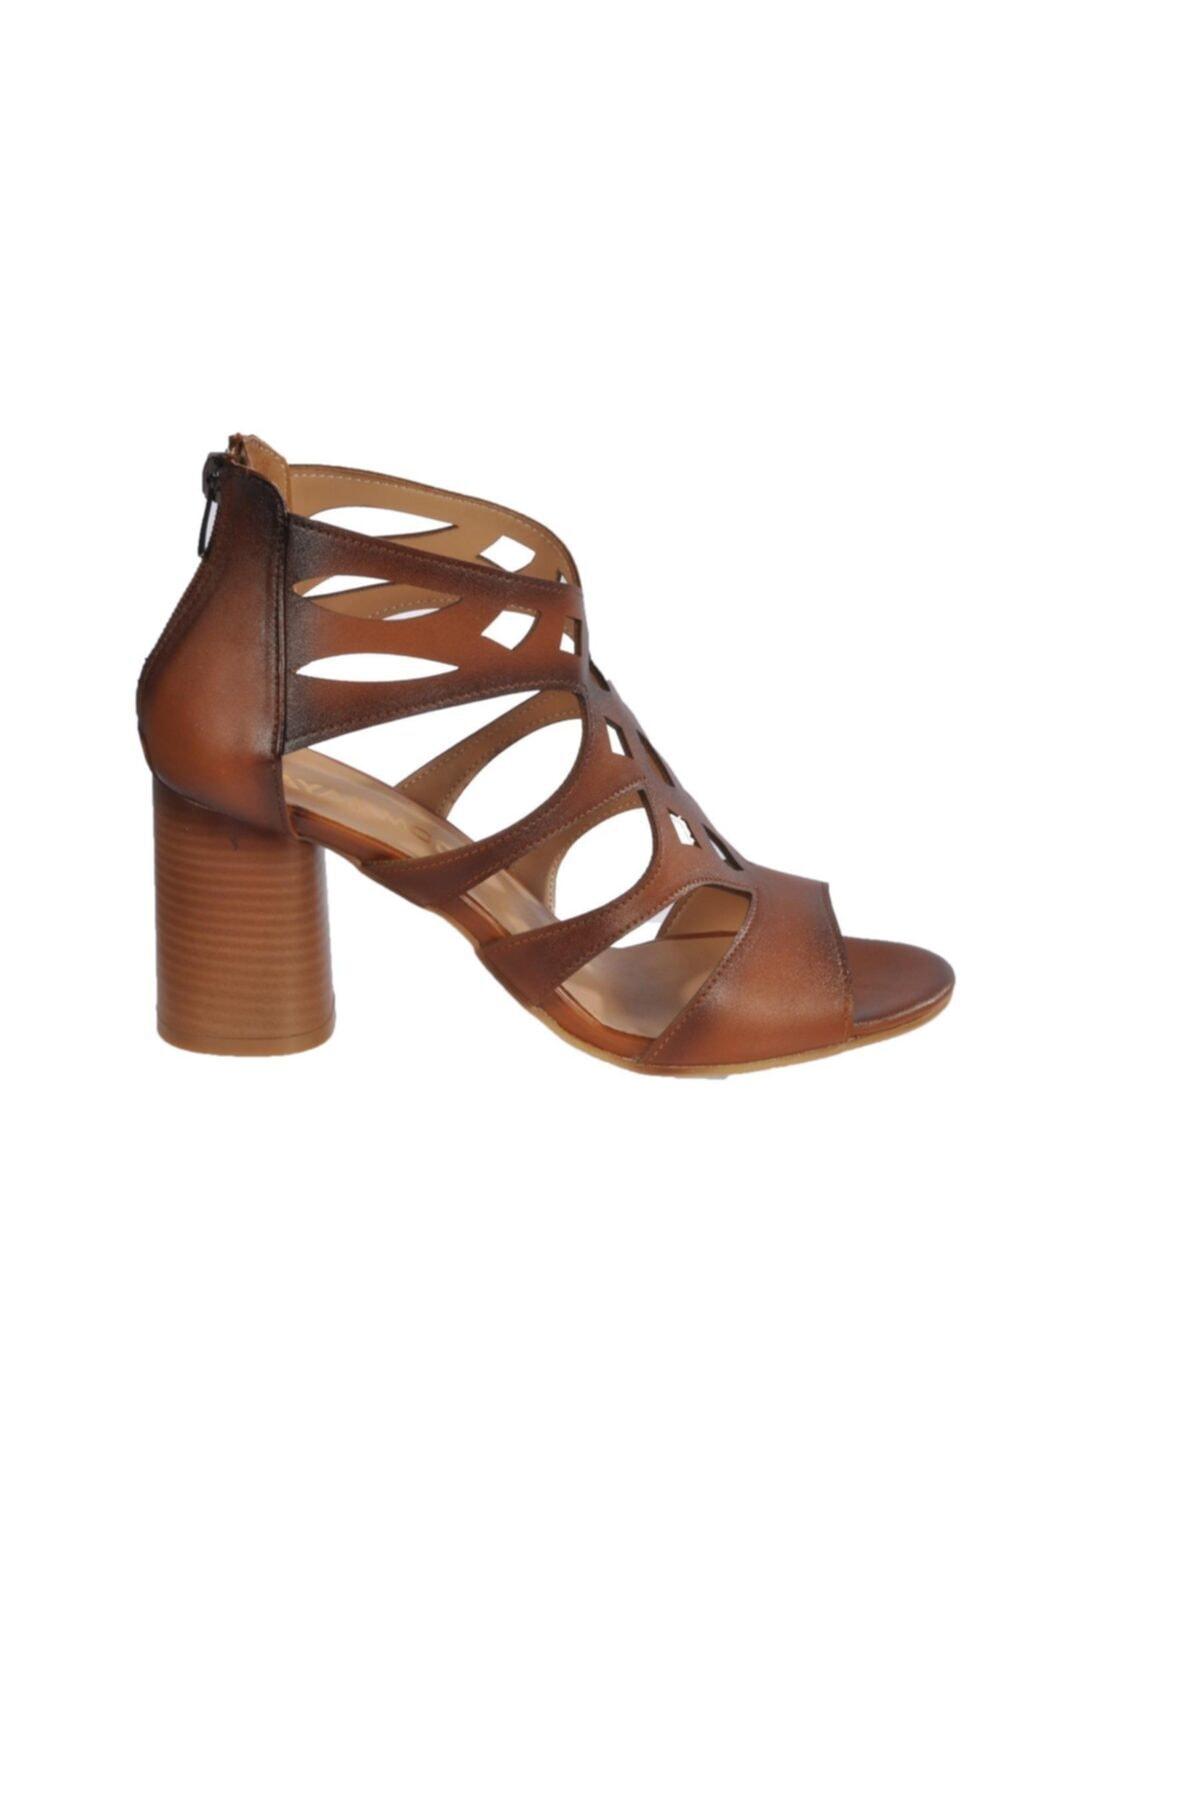 Maje 9837 Taba Kadın Topuklu Ayakkabı 2